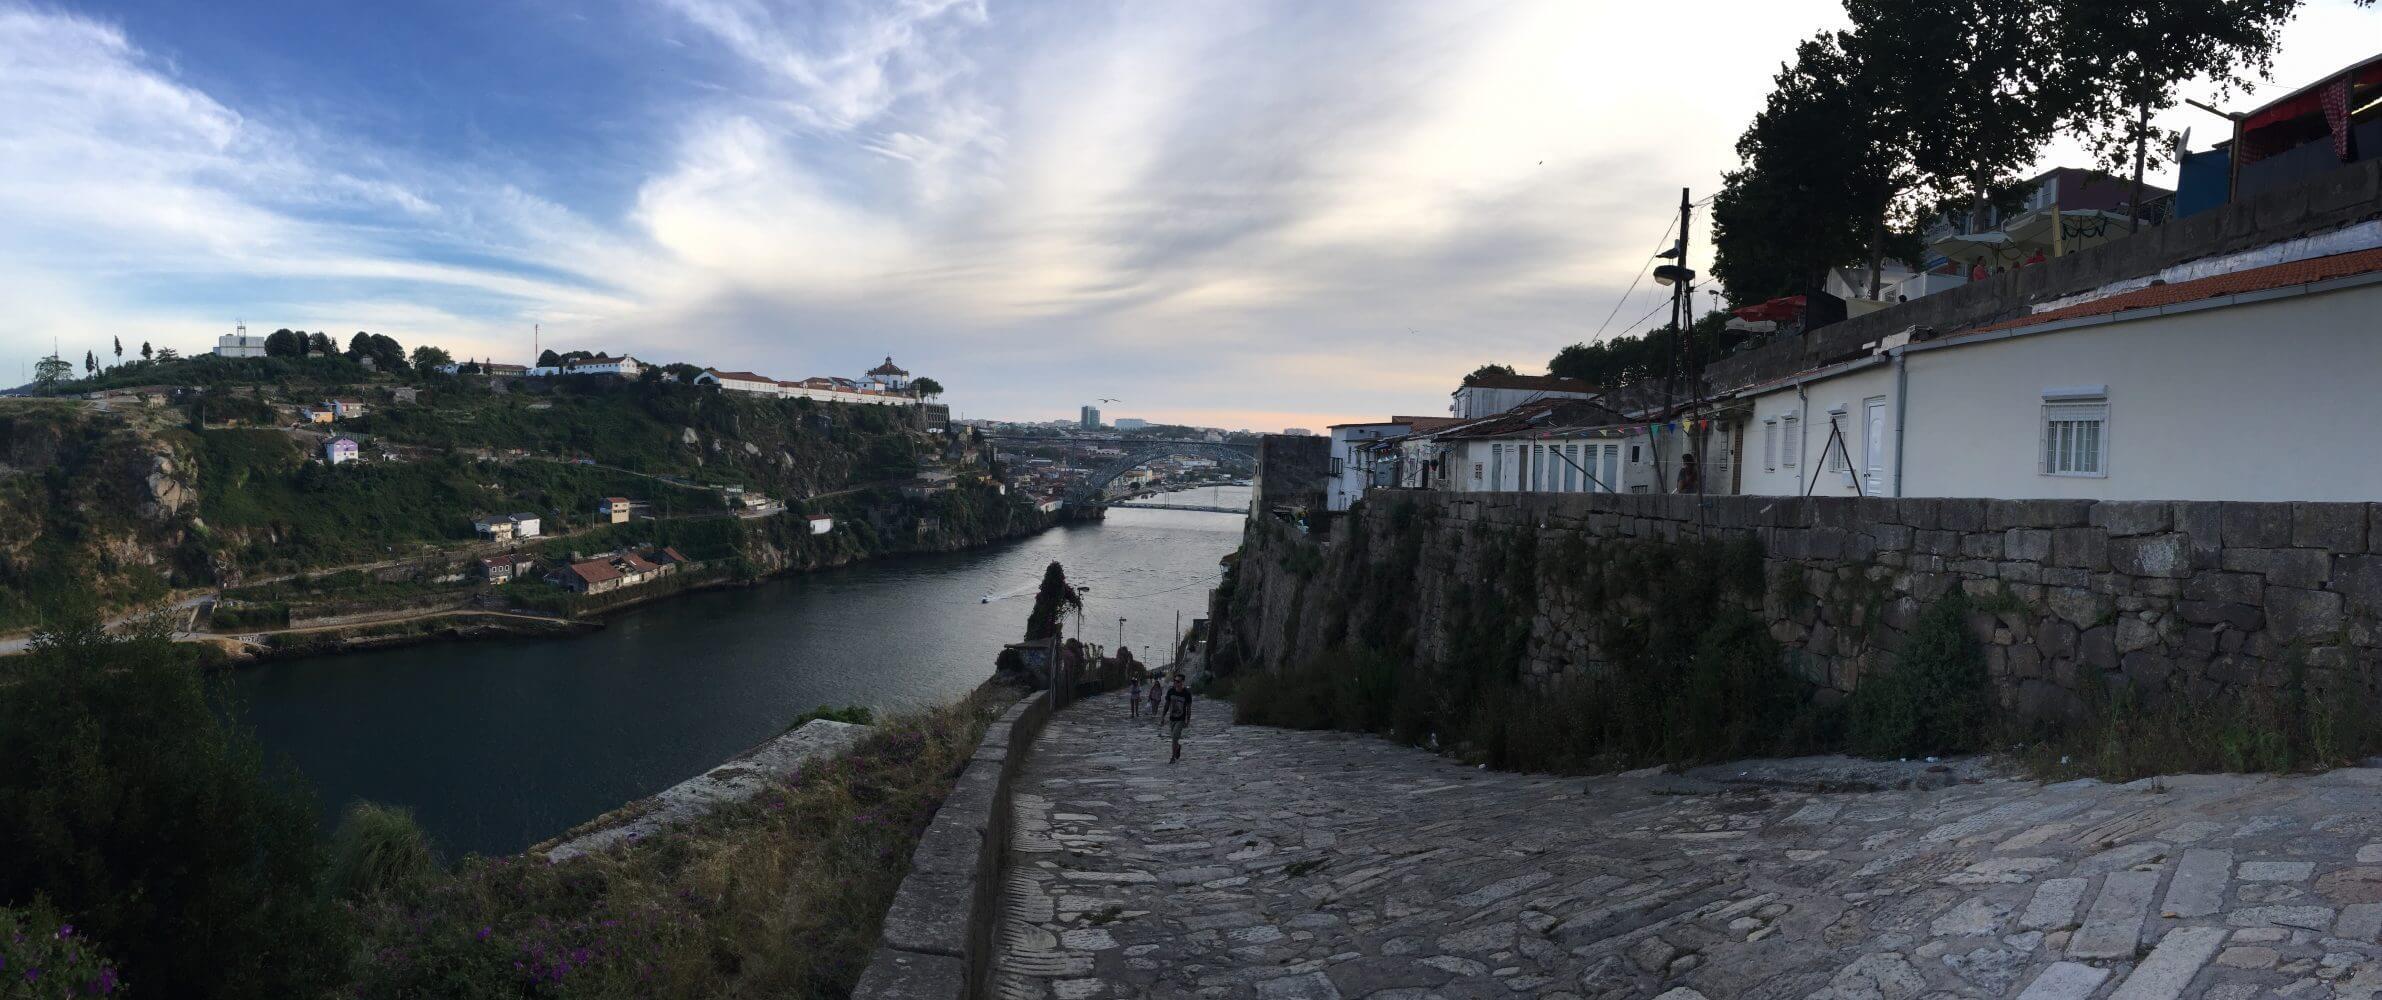 Czerwcowy widok na Porto.